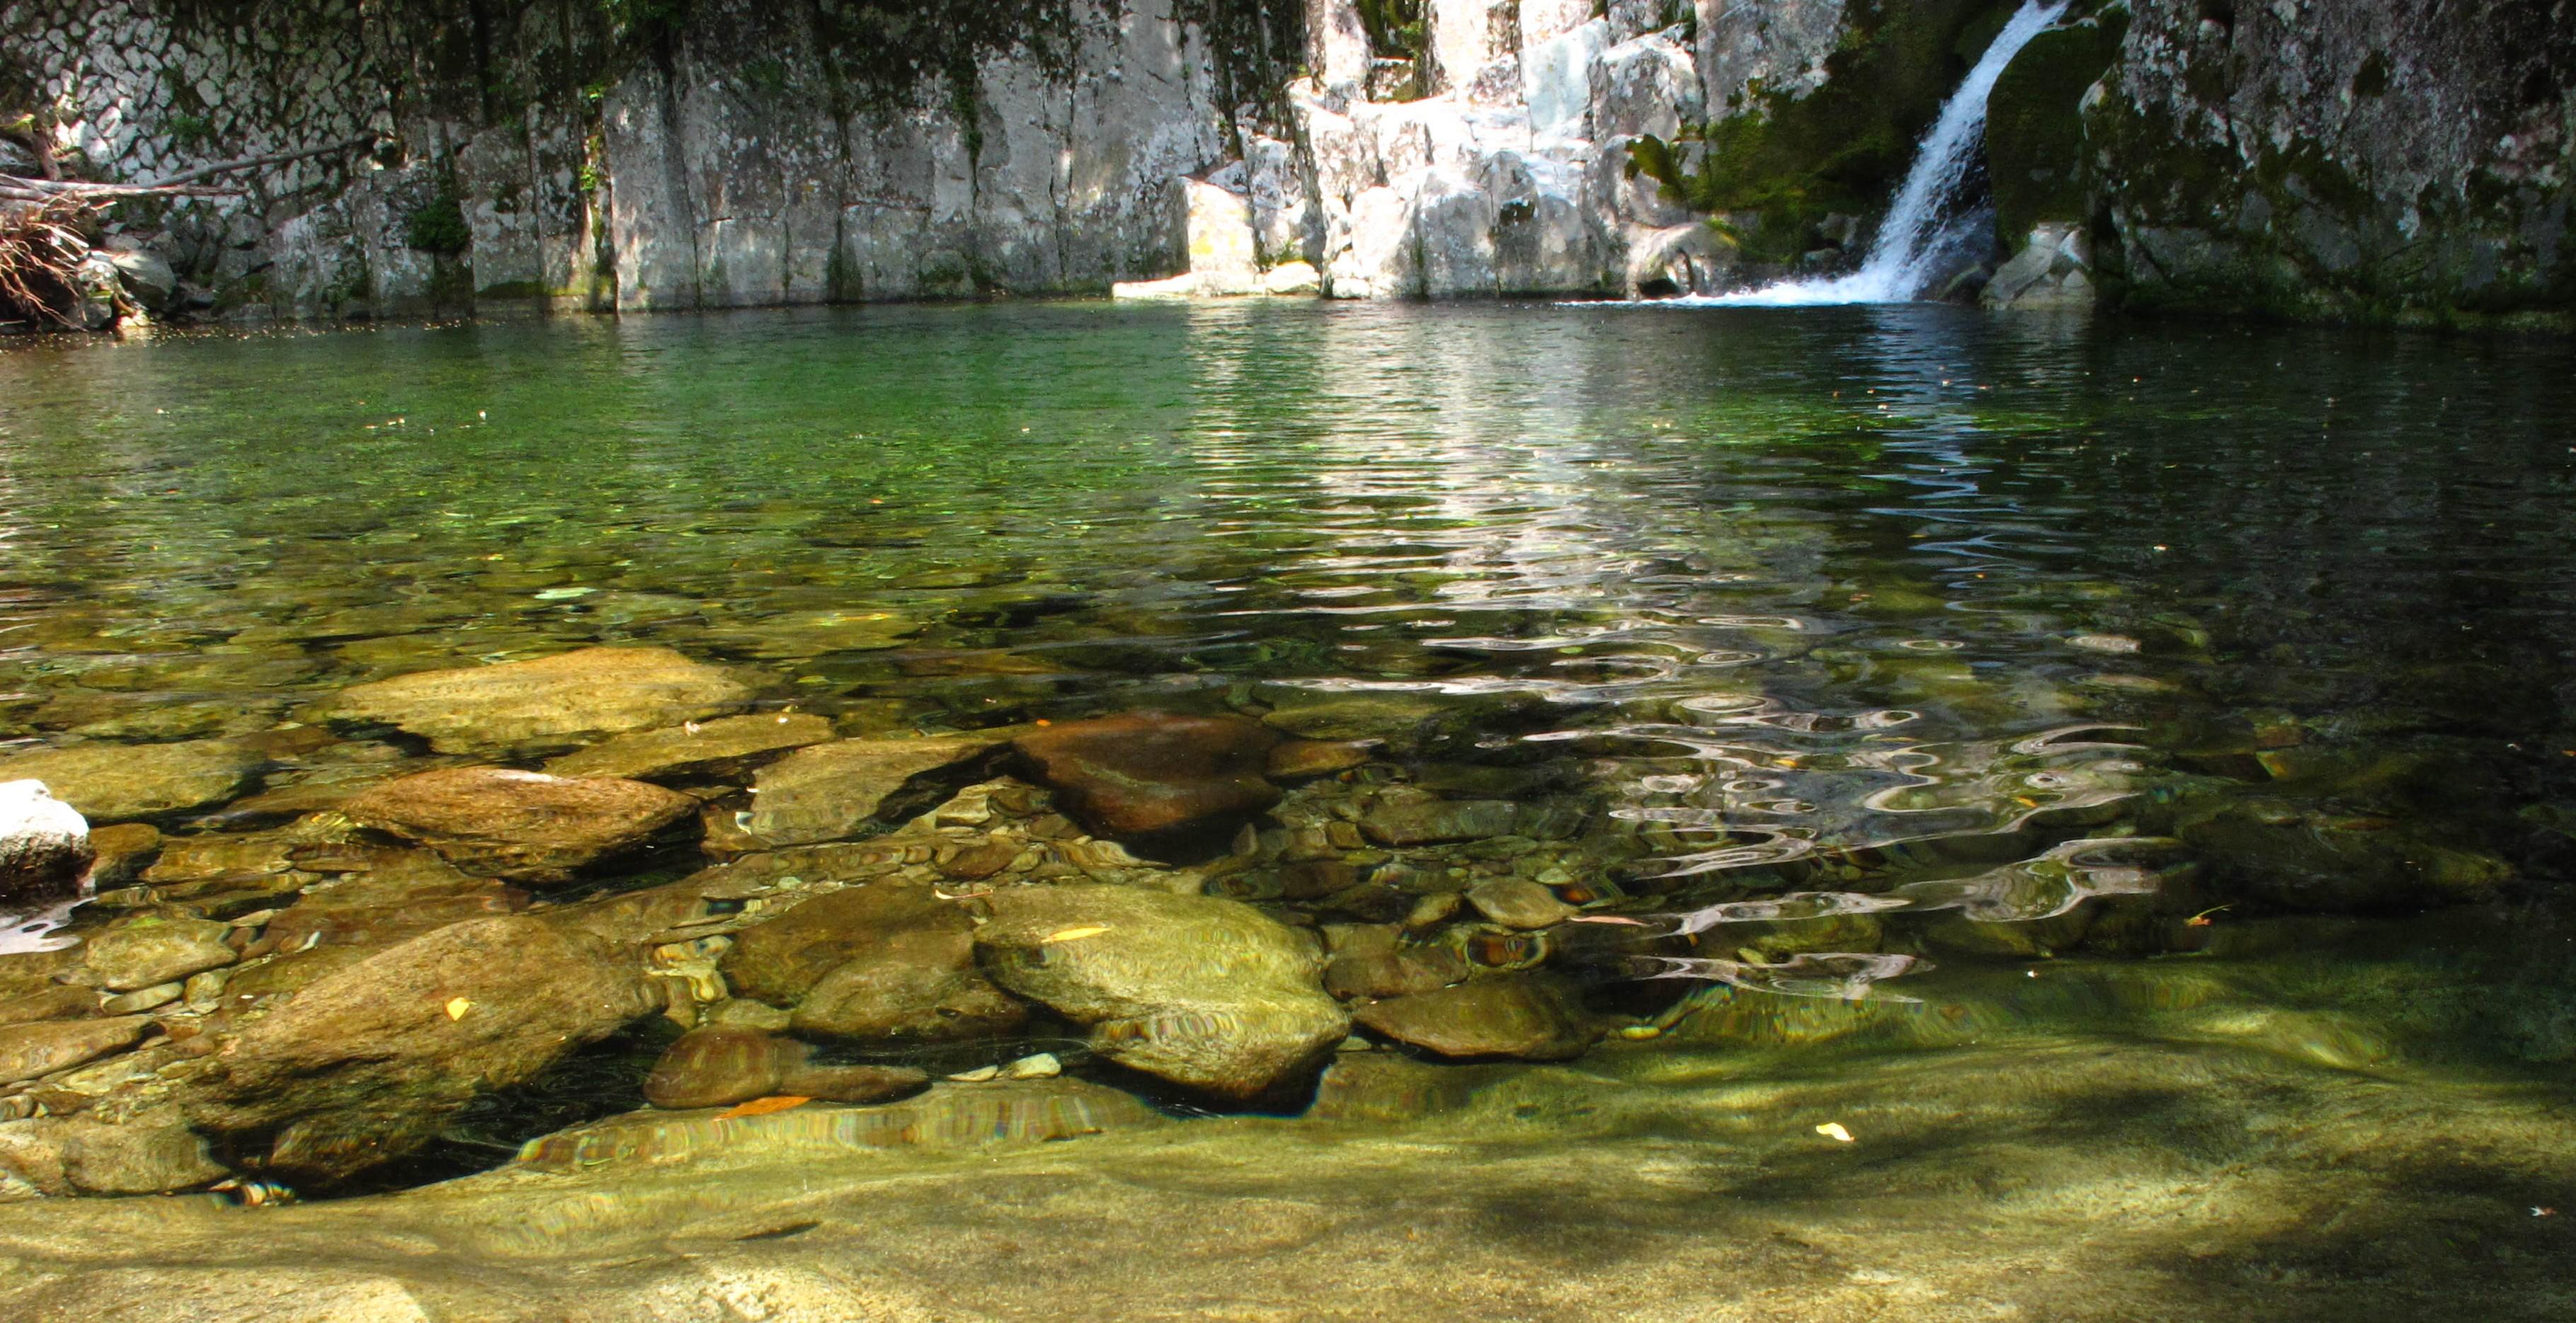 ツアーで訪れることが出来る滝 kumateng クマテング